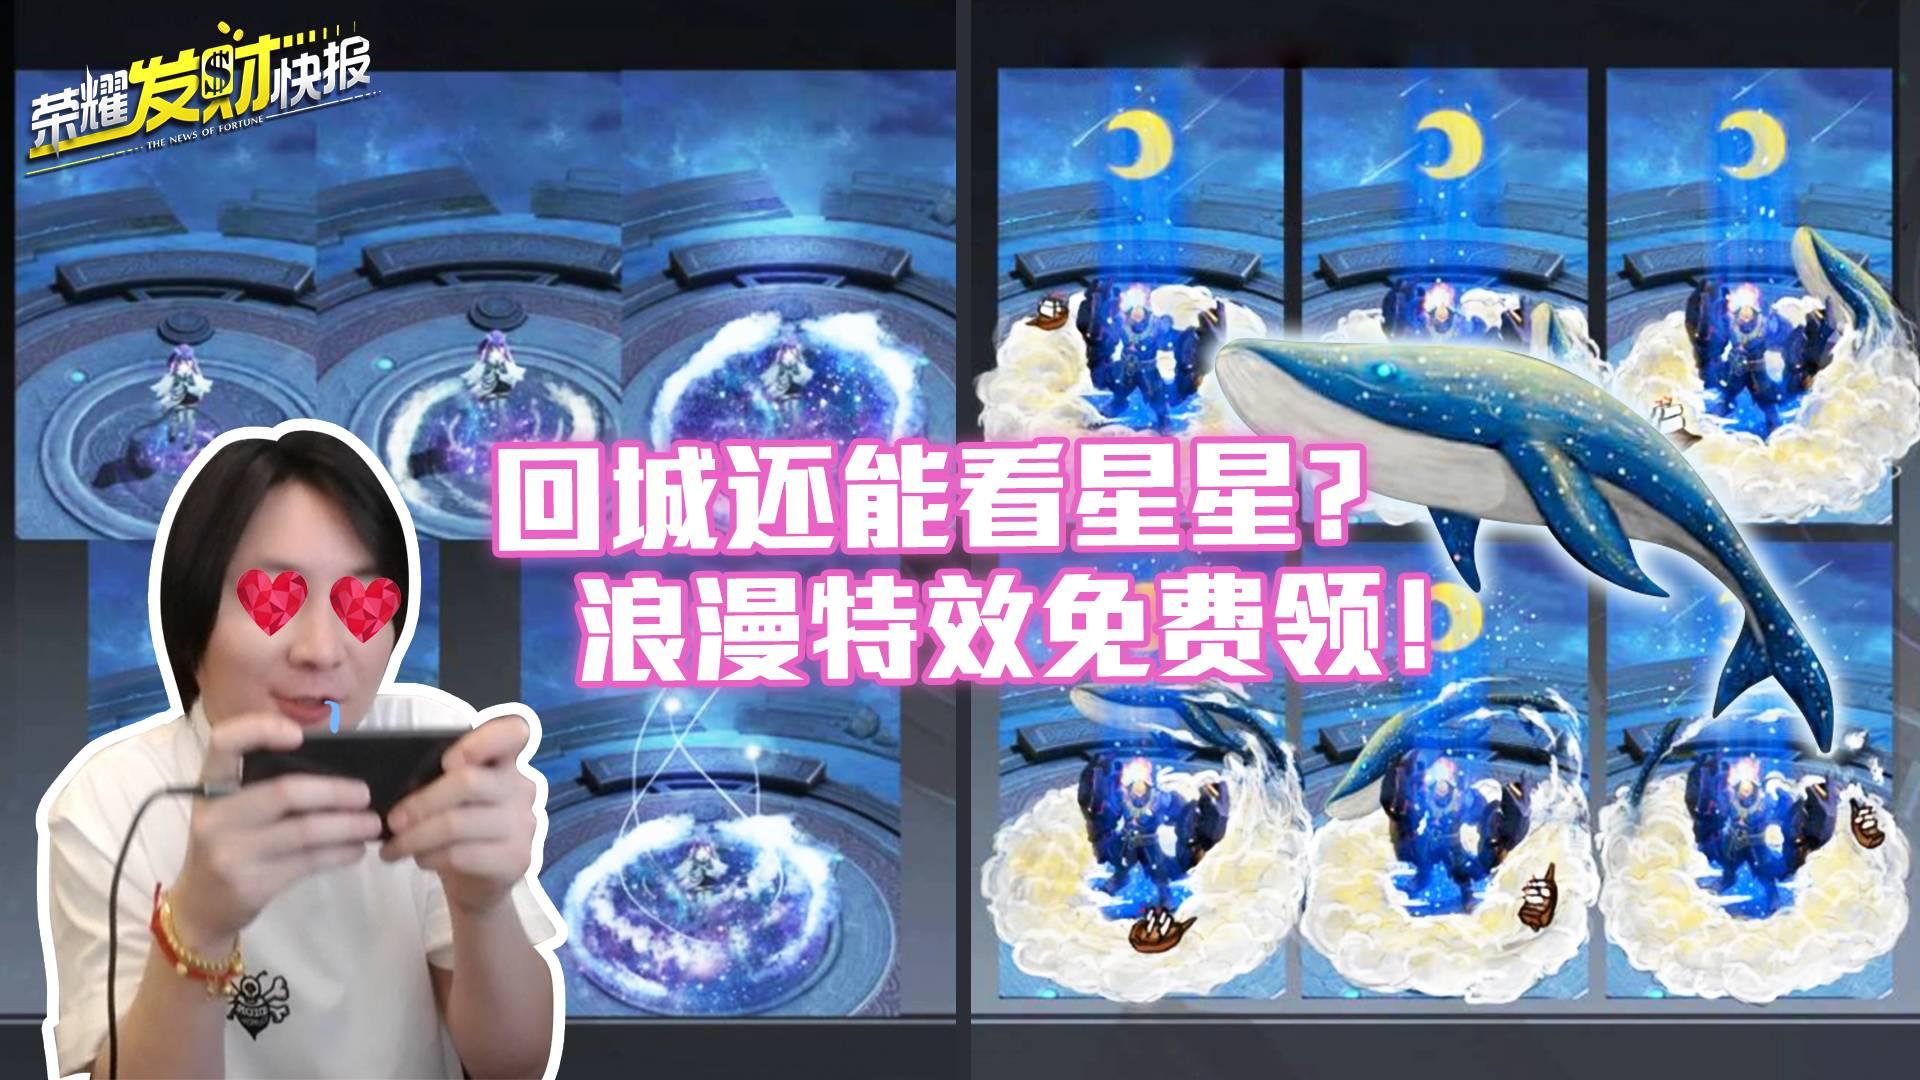 【荣耀发财快报】回城特效也能这么酷?免费领取还等啥!